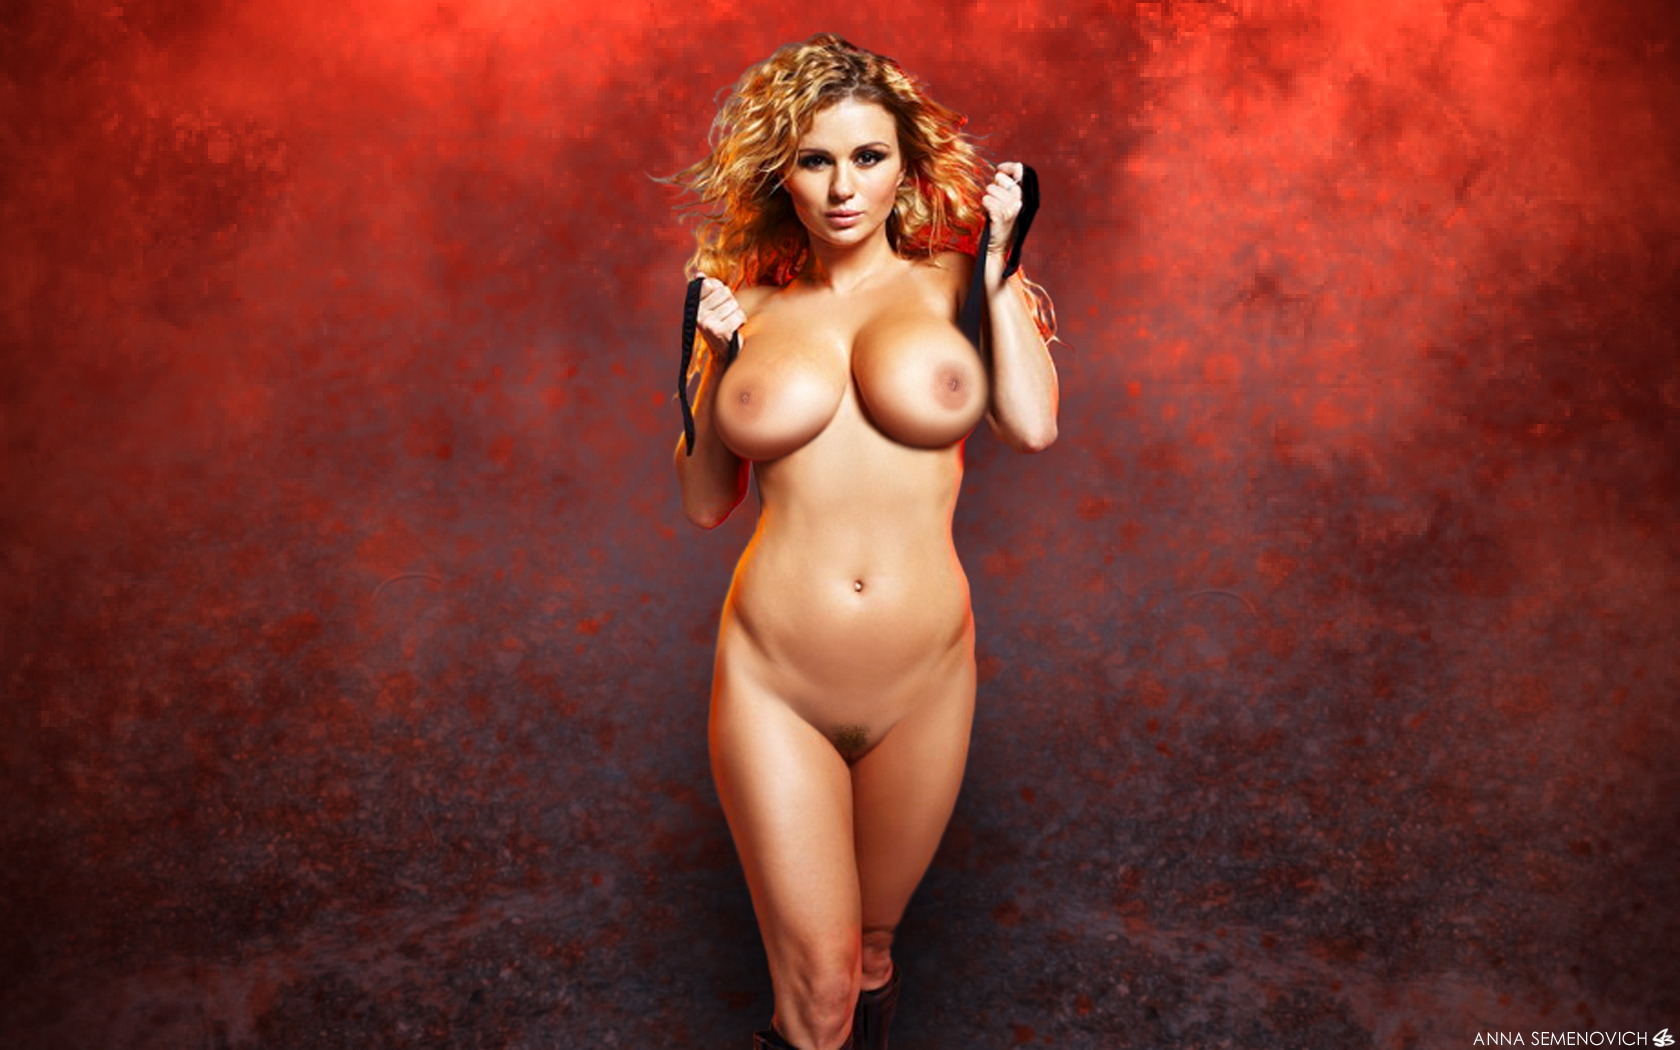 Анна семенович полностью голая, индийские порно и знаменитых